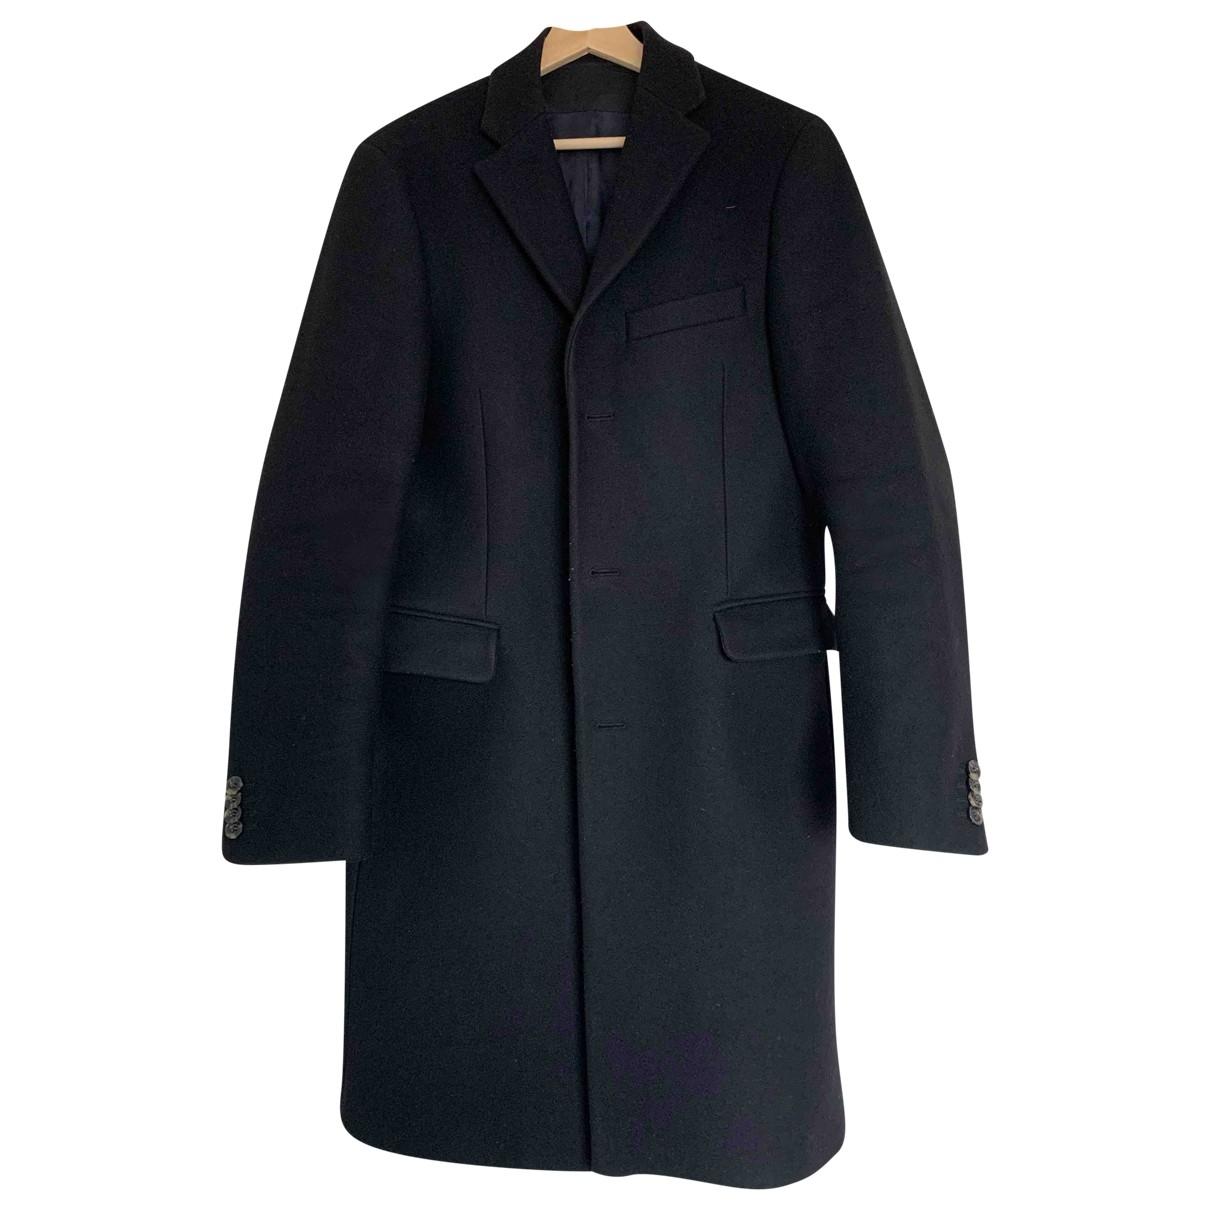 Acne Studios - Manteau   pour homme en laine - noir